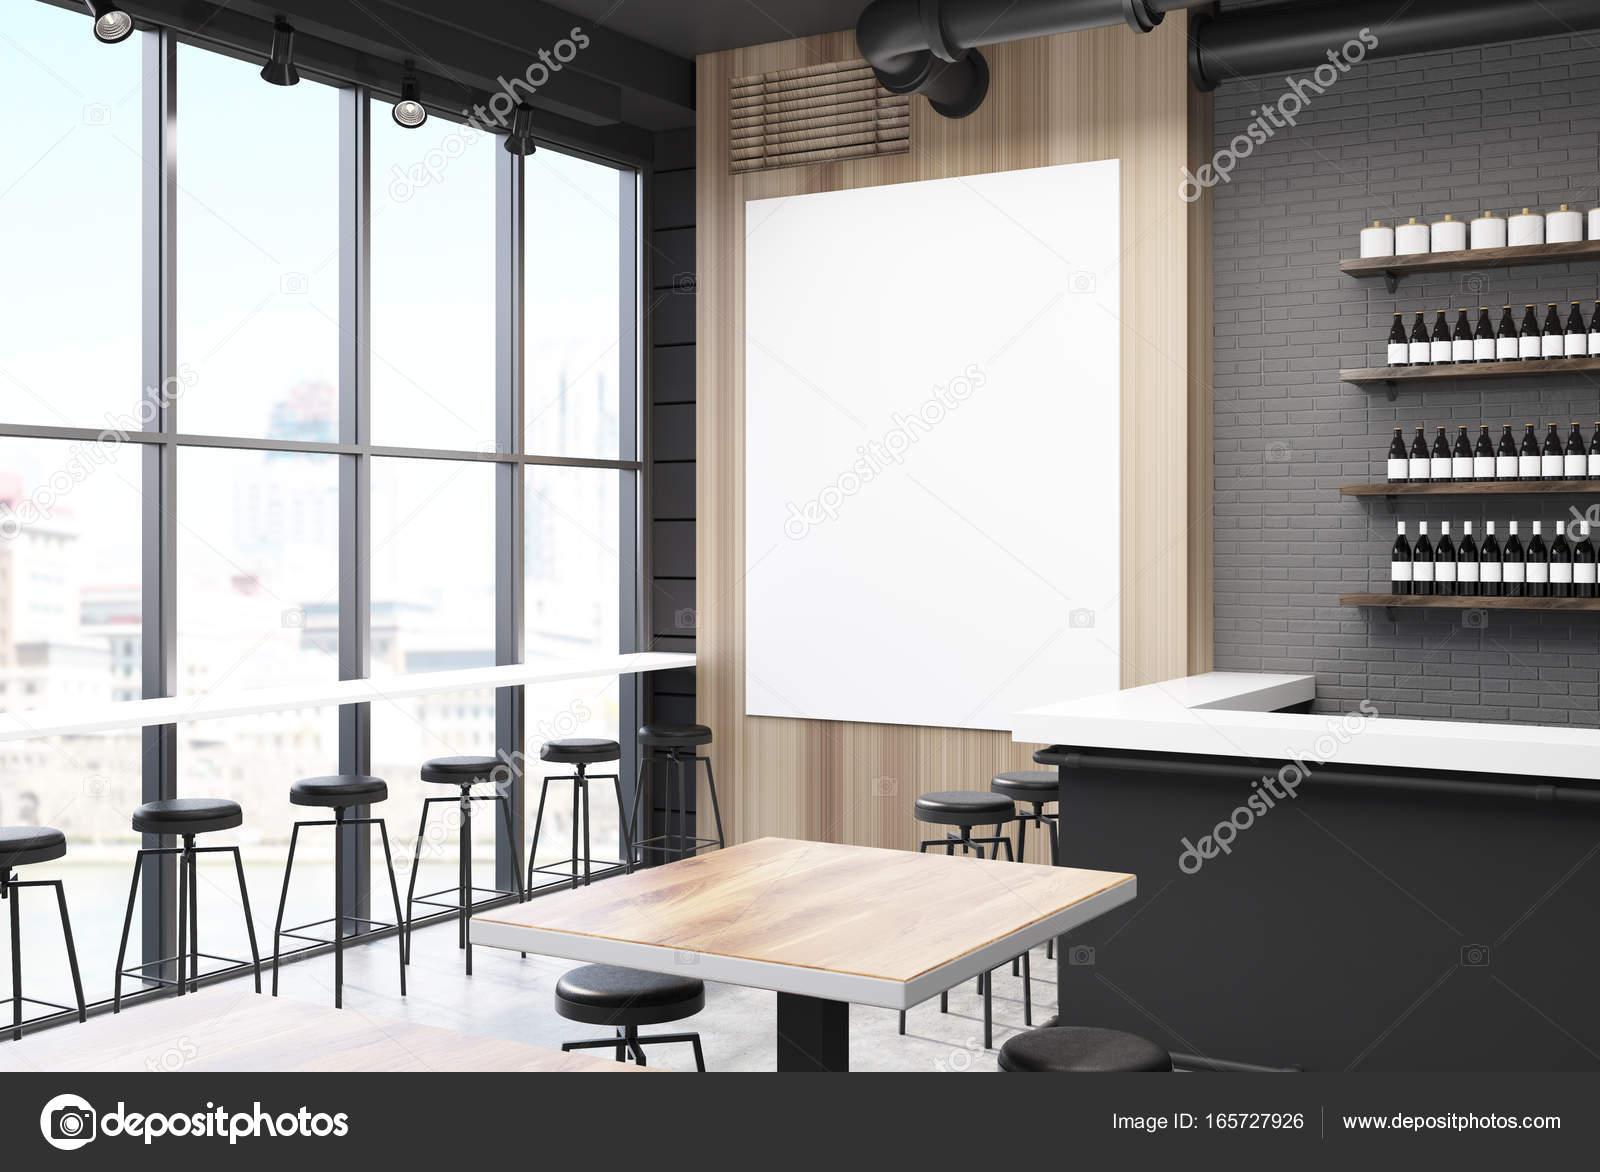 Grigio e bar in legno con un lato di poster u2014 foto stock